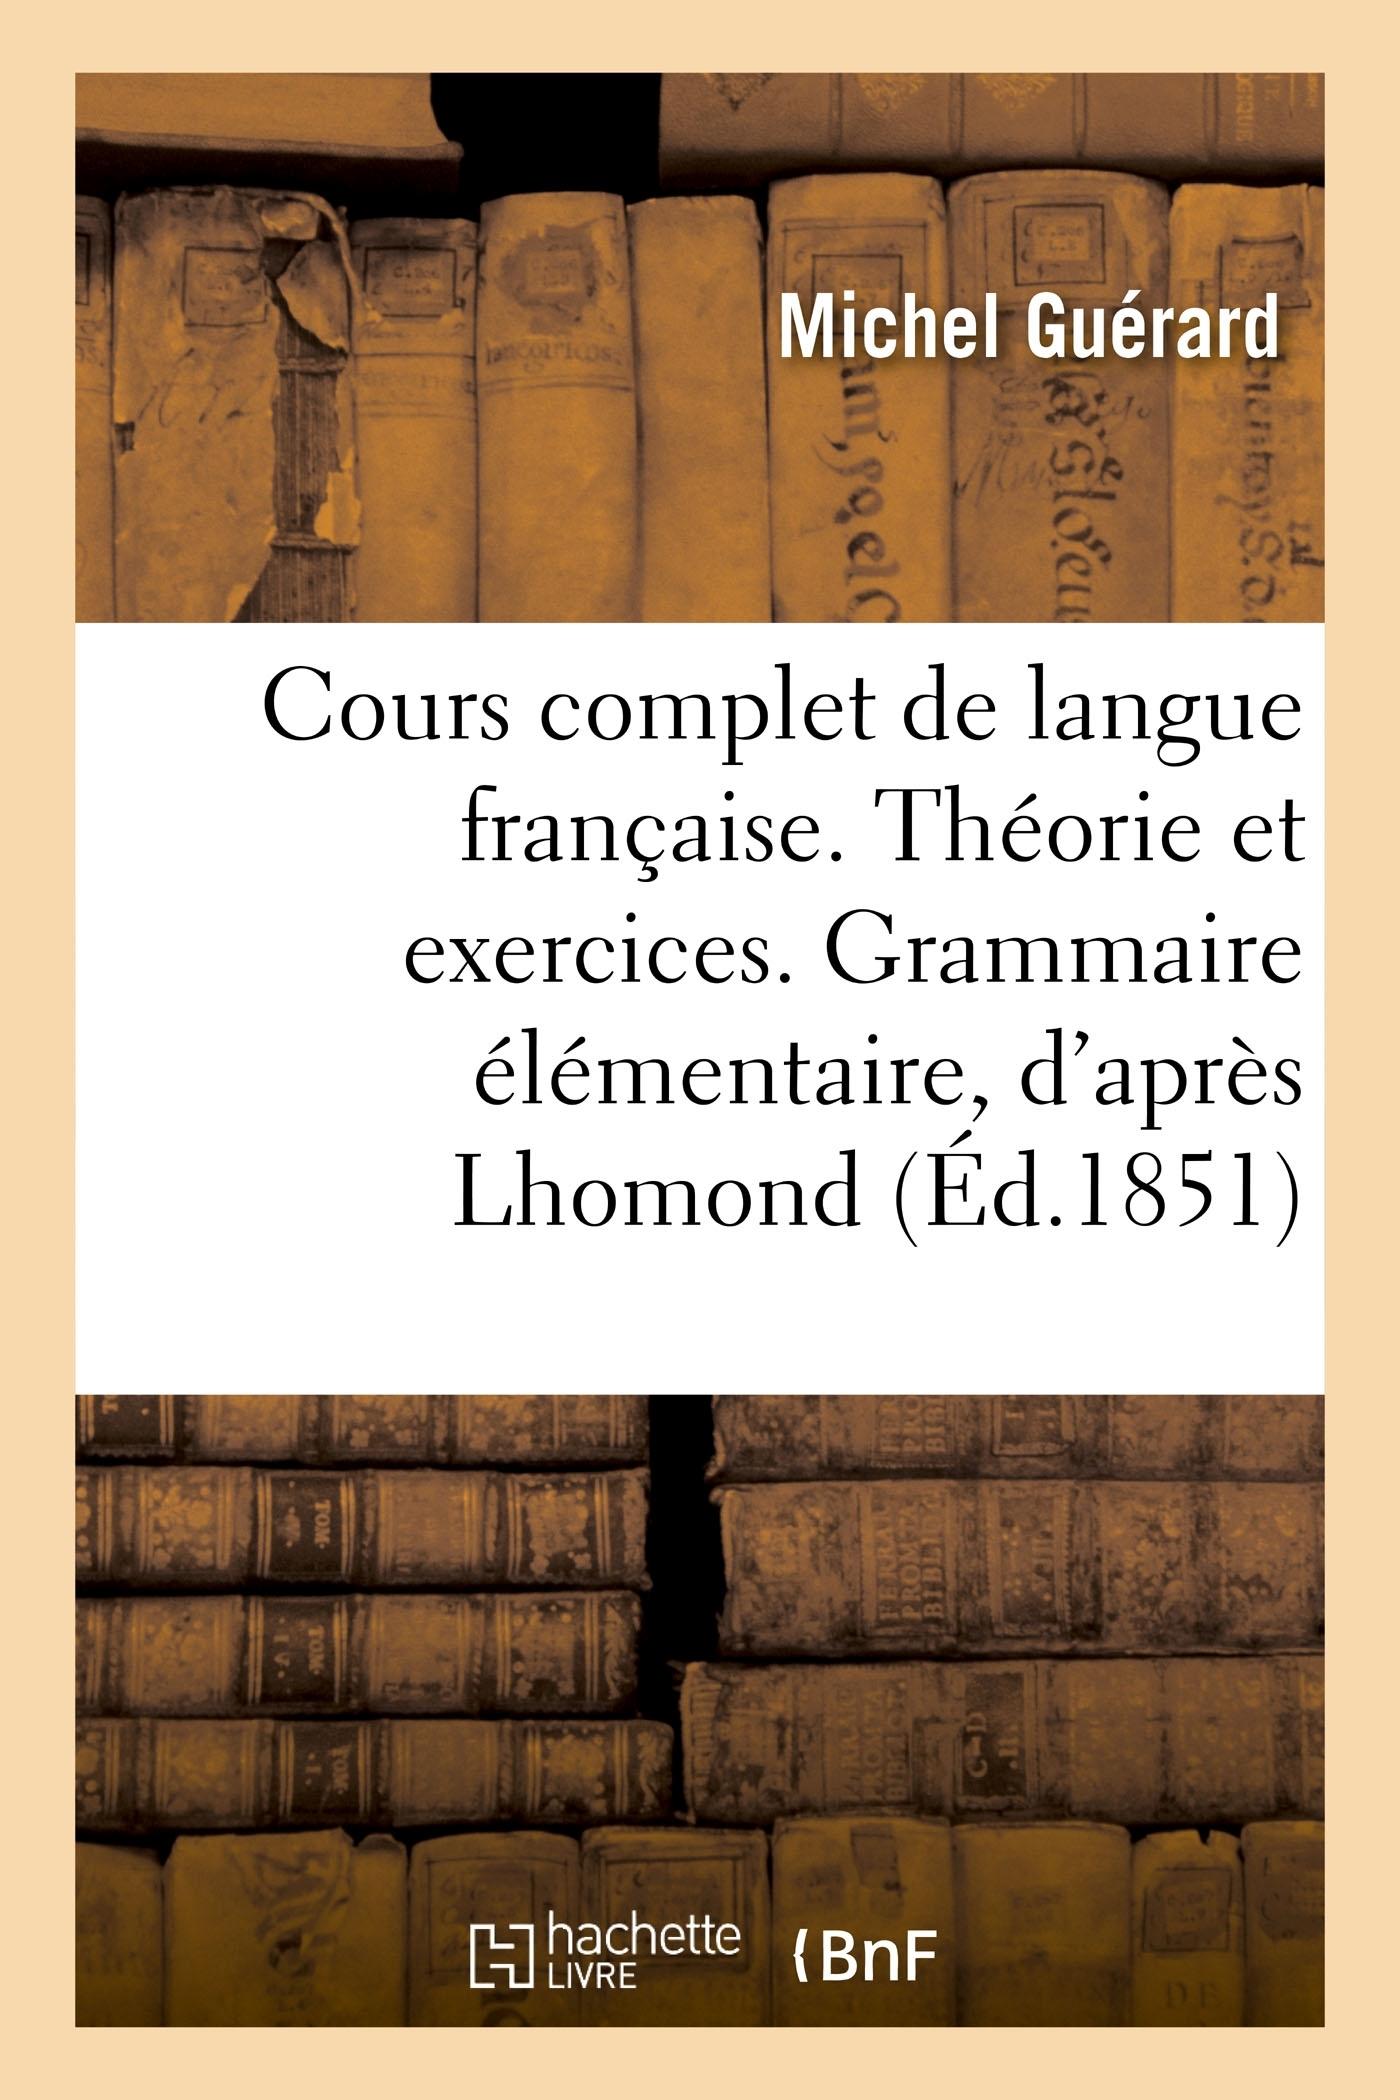 COURS COMPLET DE LANGUE FRANCAISE. THEORIE ET EXERCICES. GRAMMAIRE ELEMENTAIRE, D'APRES LHOMOND